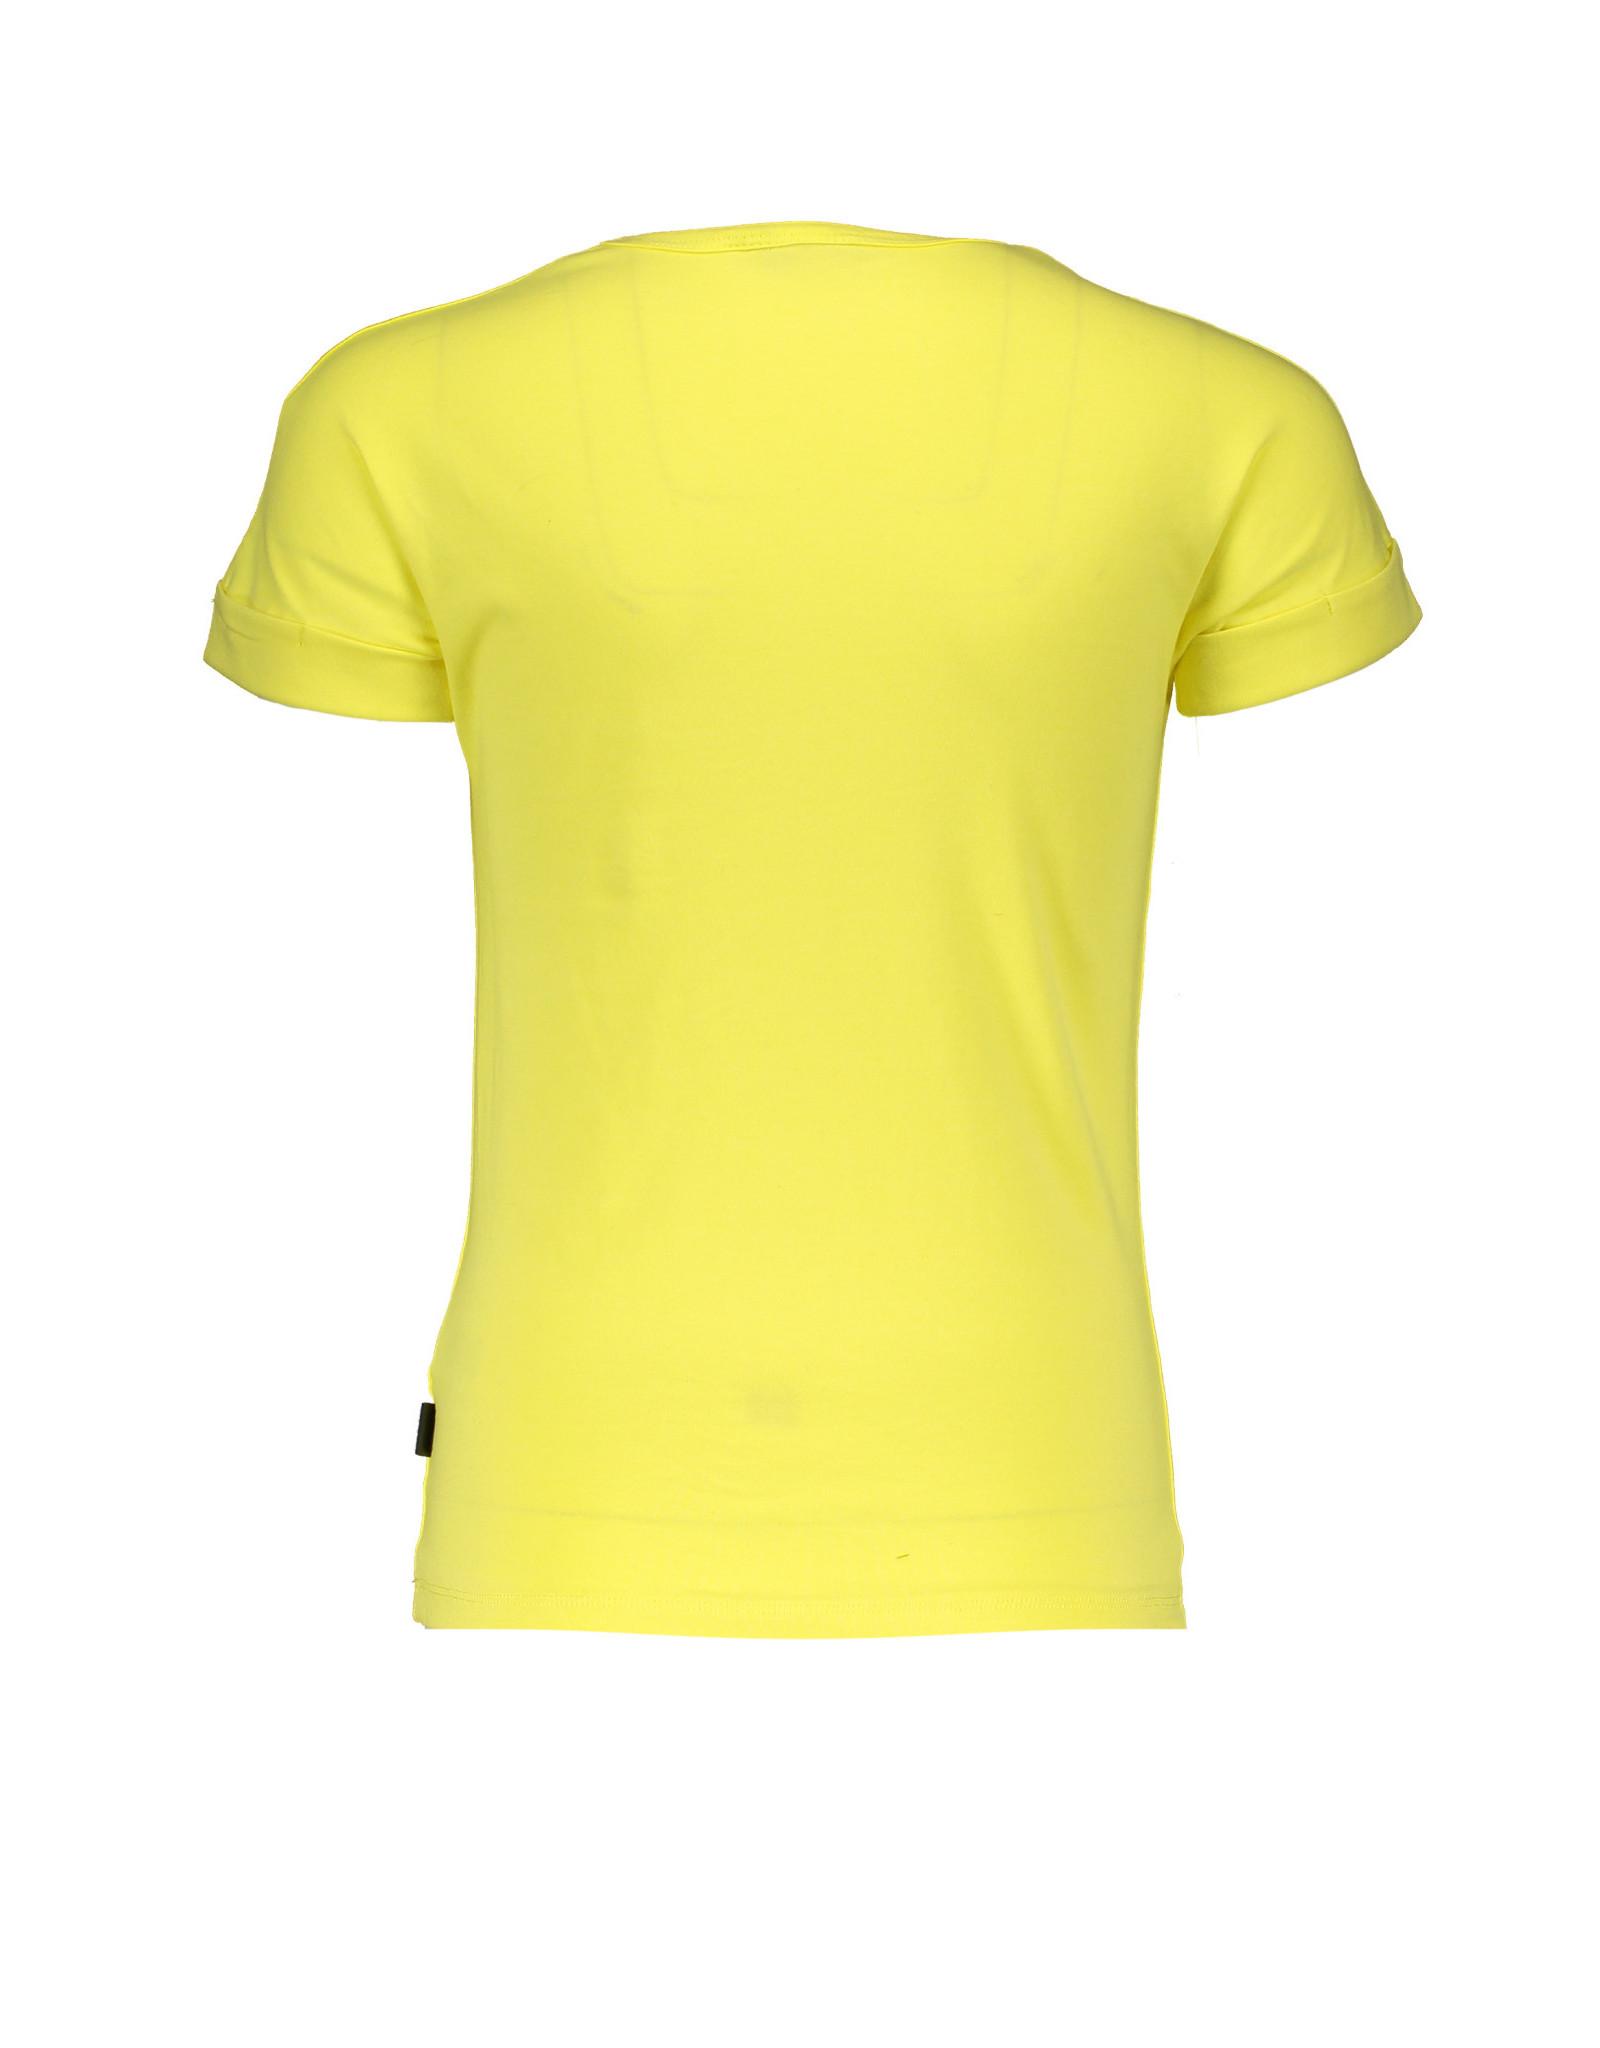 NoBell meiden t-shirt Kael Light Lemon